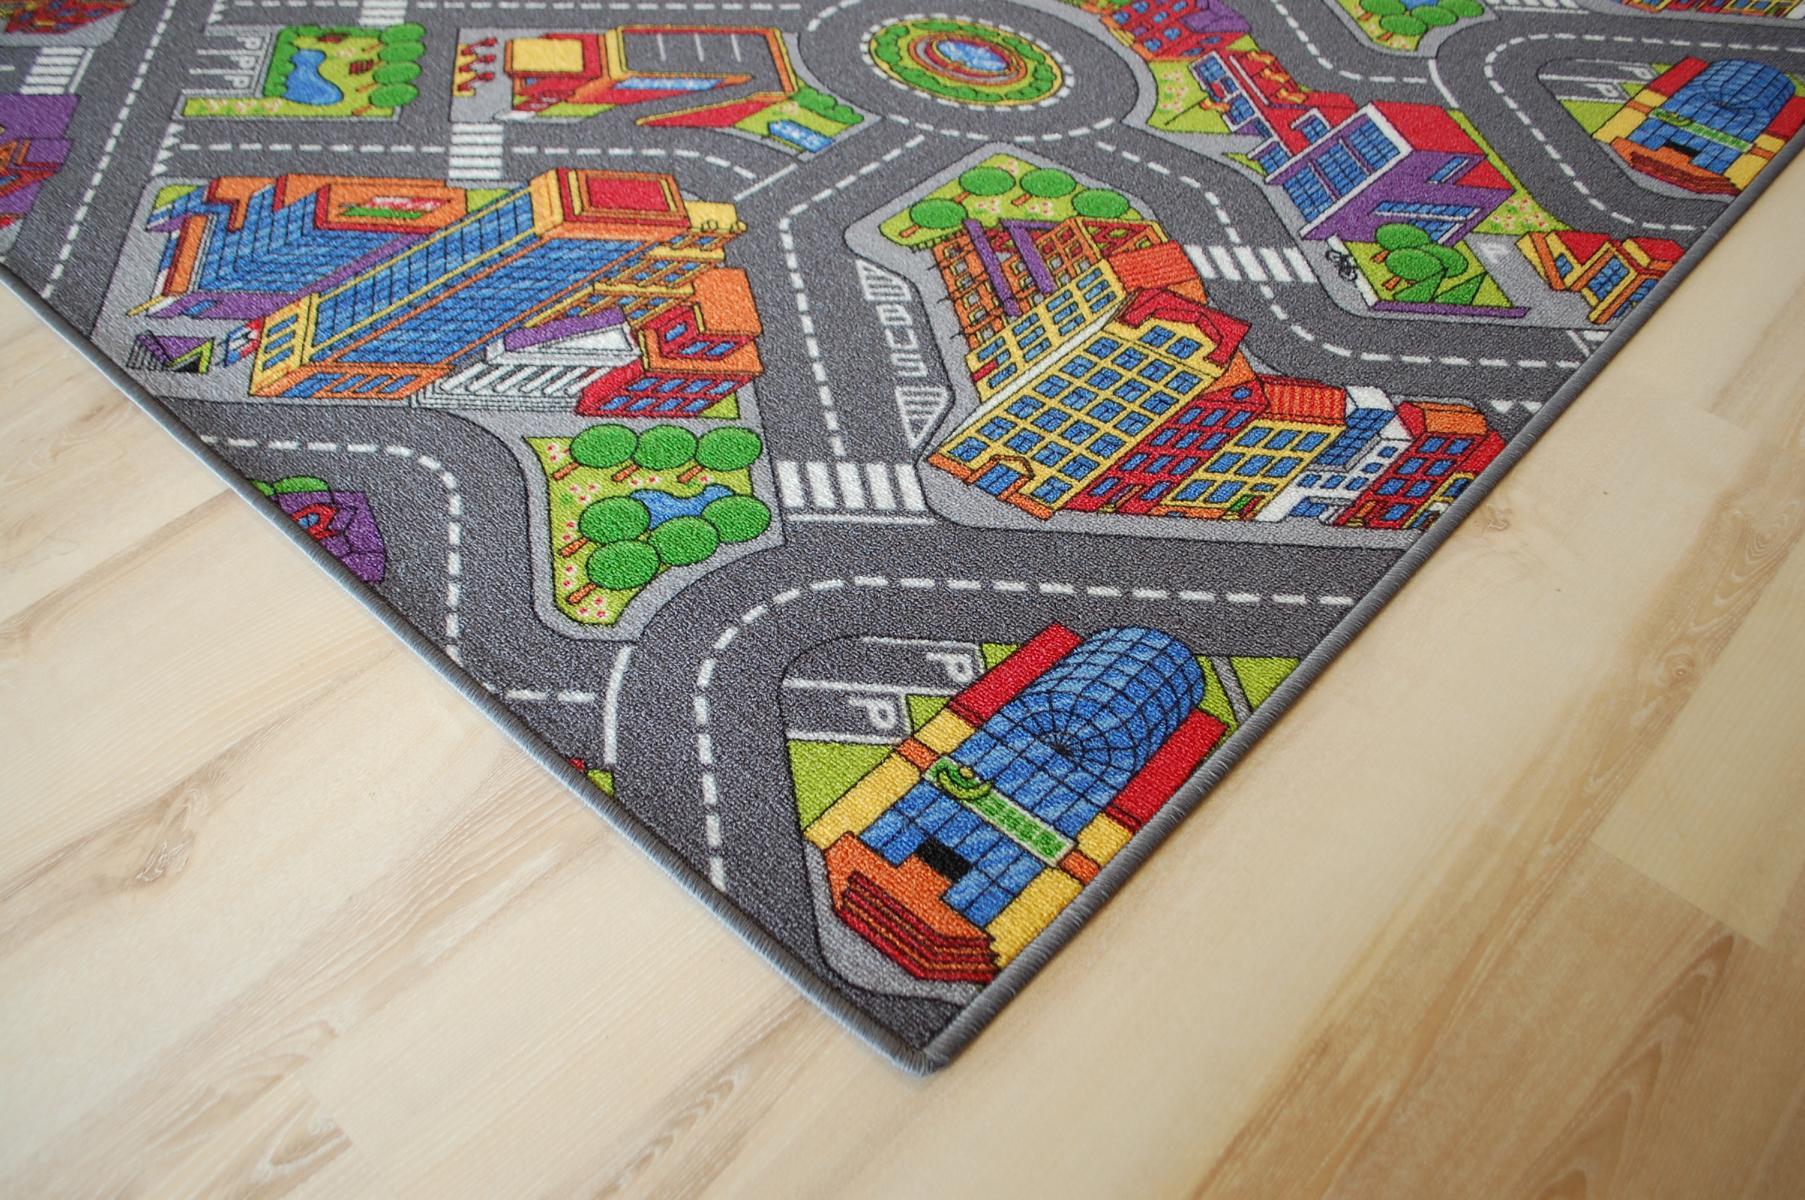 tapis routier enfants tapis de jeu citylight 287x325 cm ebay. Black Bedroom Furniture Sets. Home Design Ideas